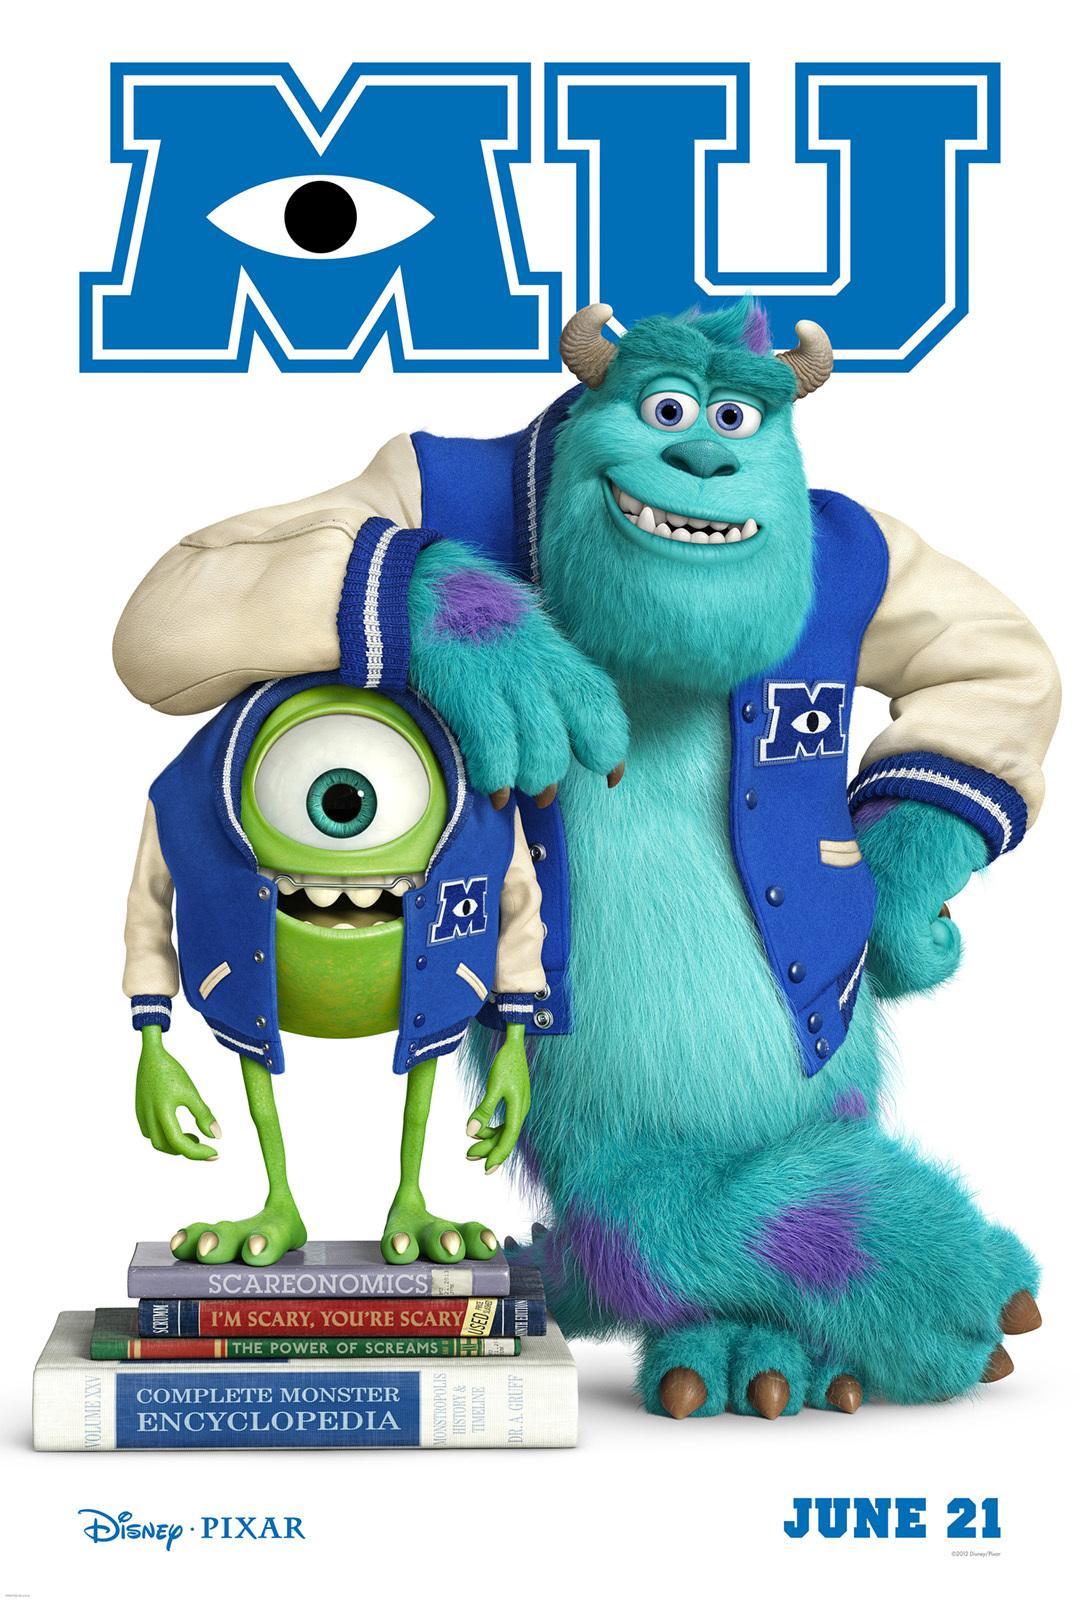 皮克斯《怪兽大学》(Monsters University)首曝海报 展现怪兽校园生活